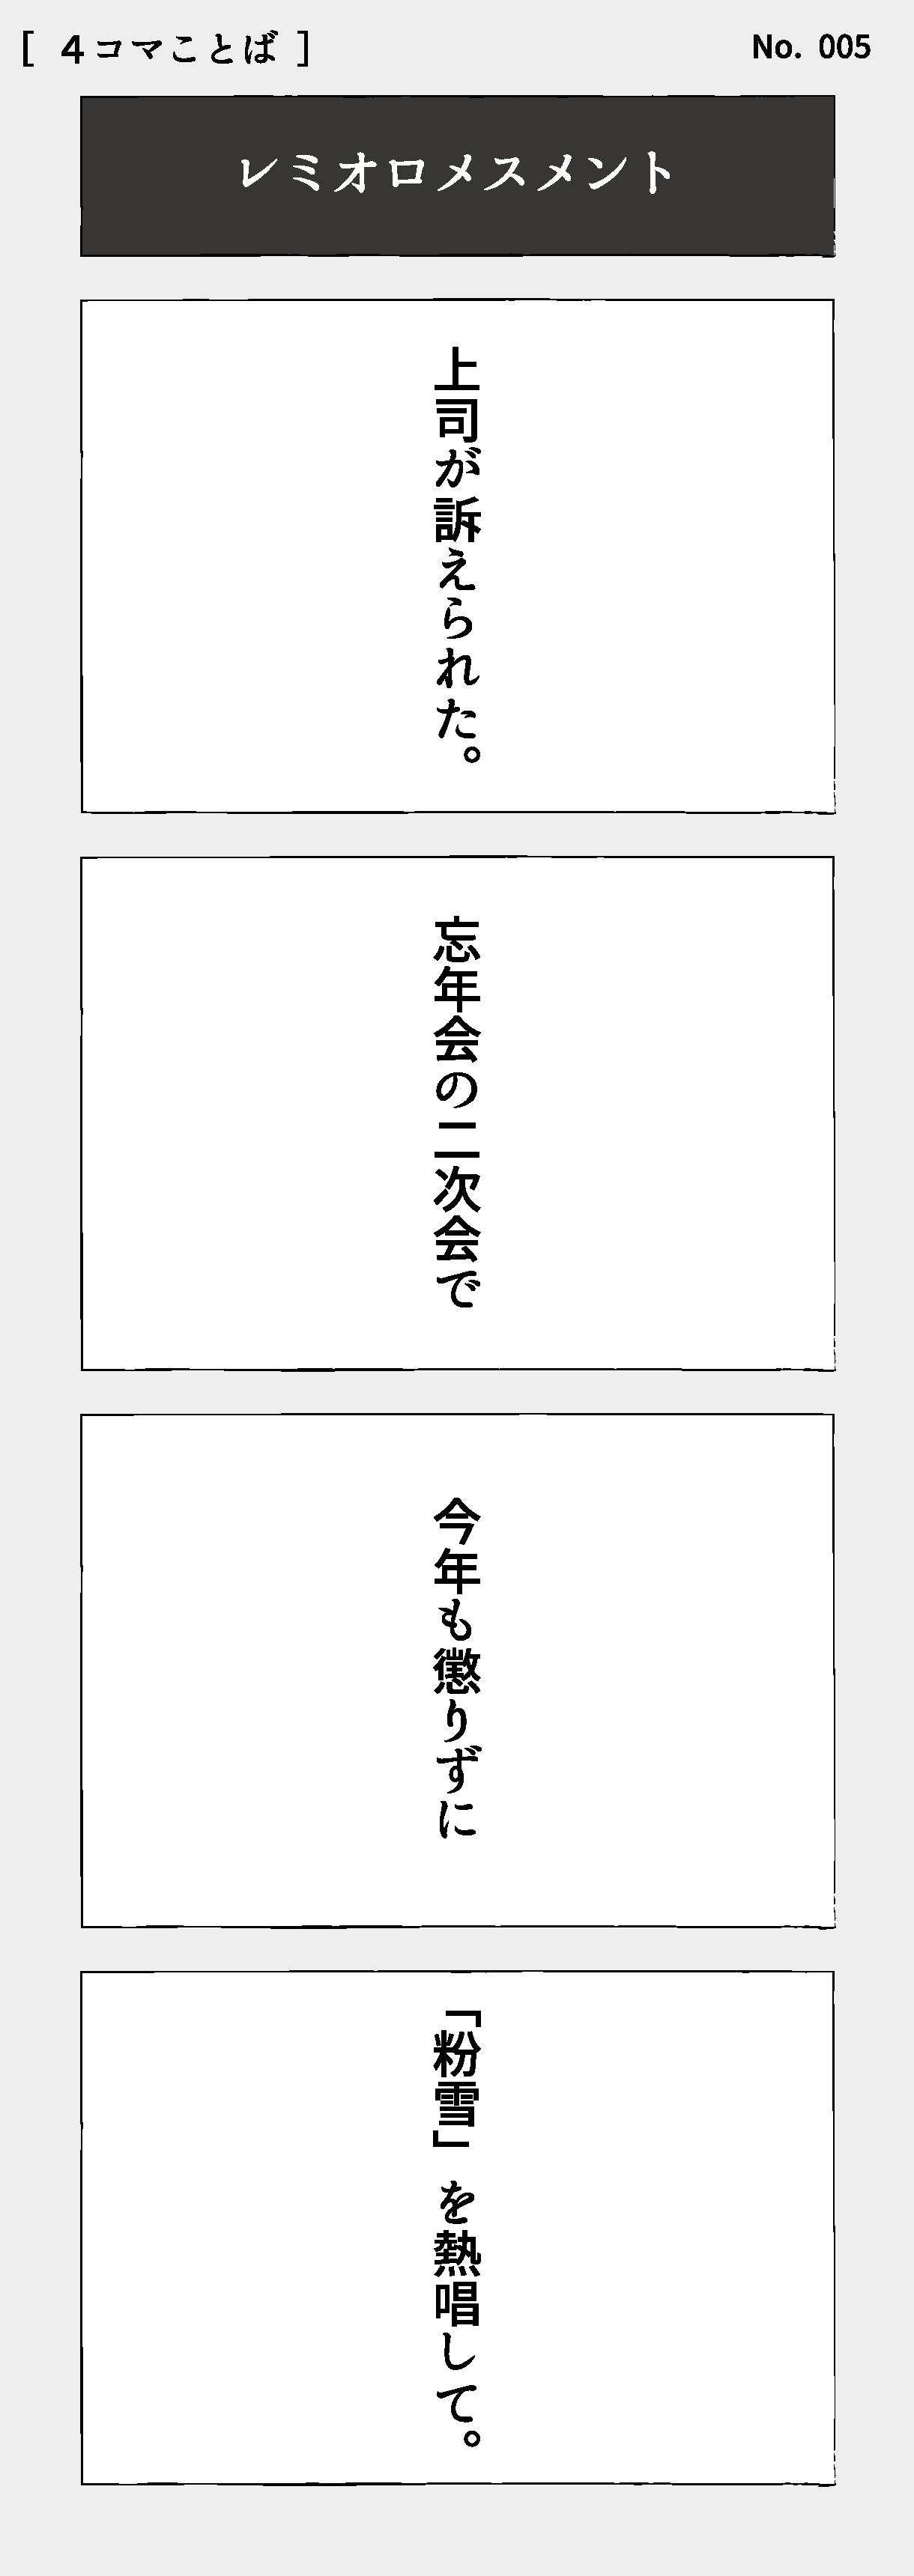 yonkoto005